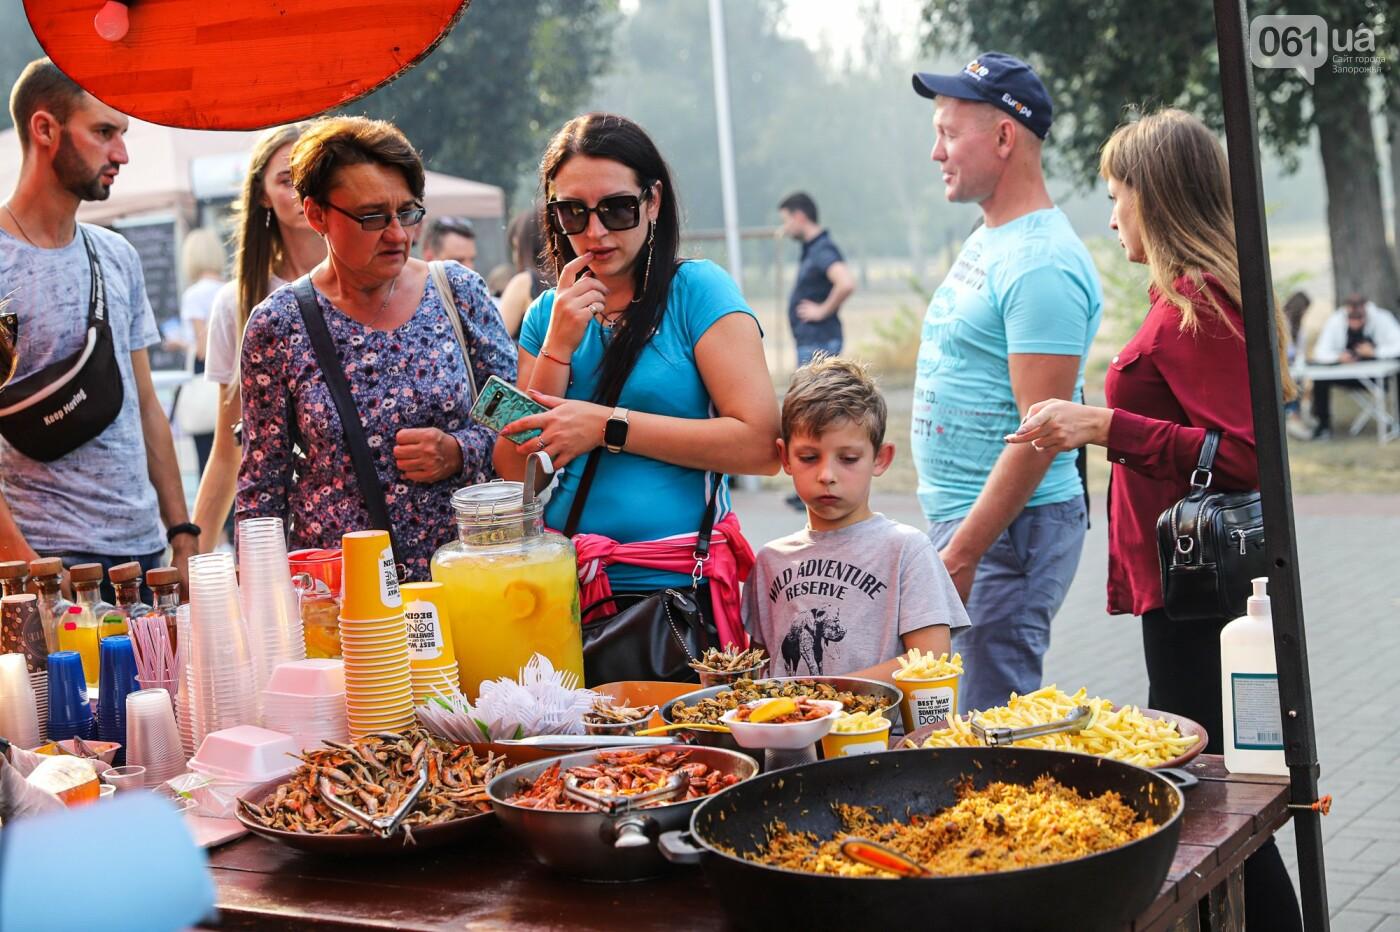 Бограч в хлебных горшочках и мясо из уникальной печи: что нового на фестивале уличной еды в Запорожье, - ФОТОРЕПОРТАЖ, фото-46